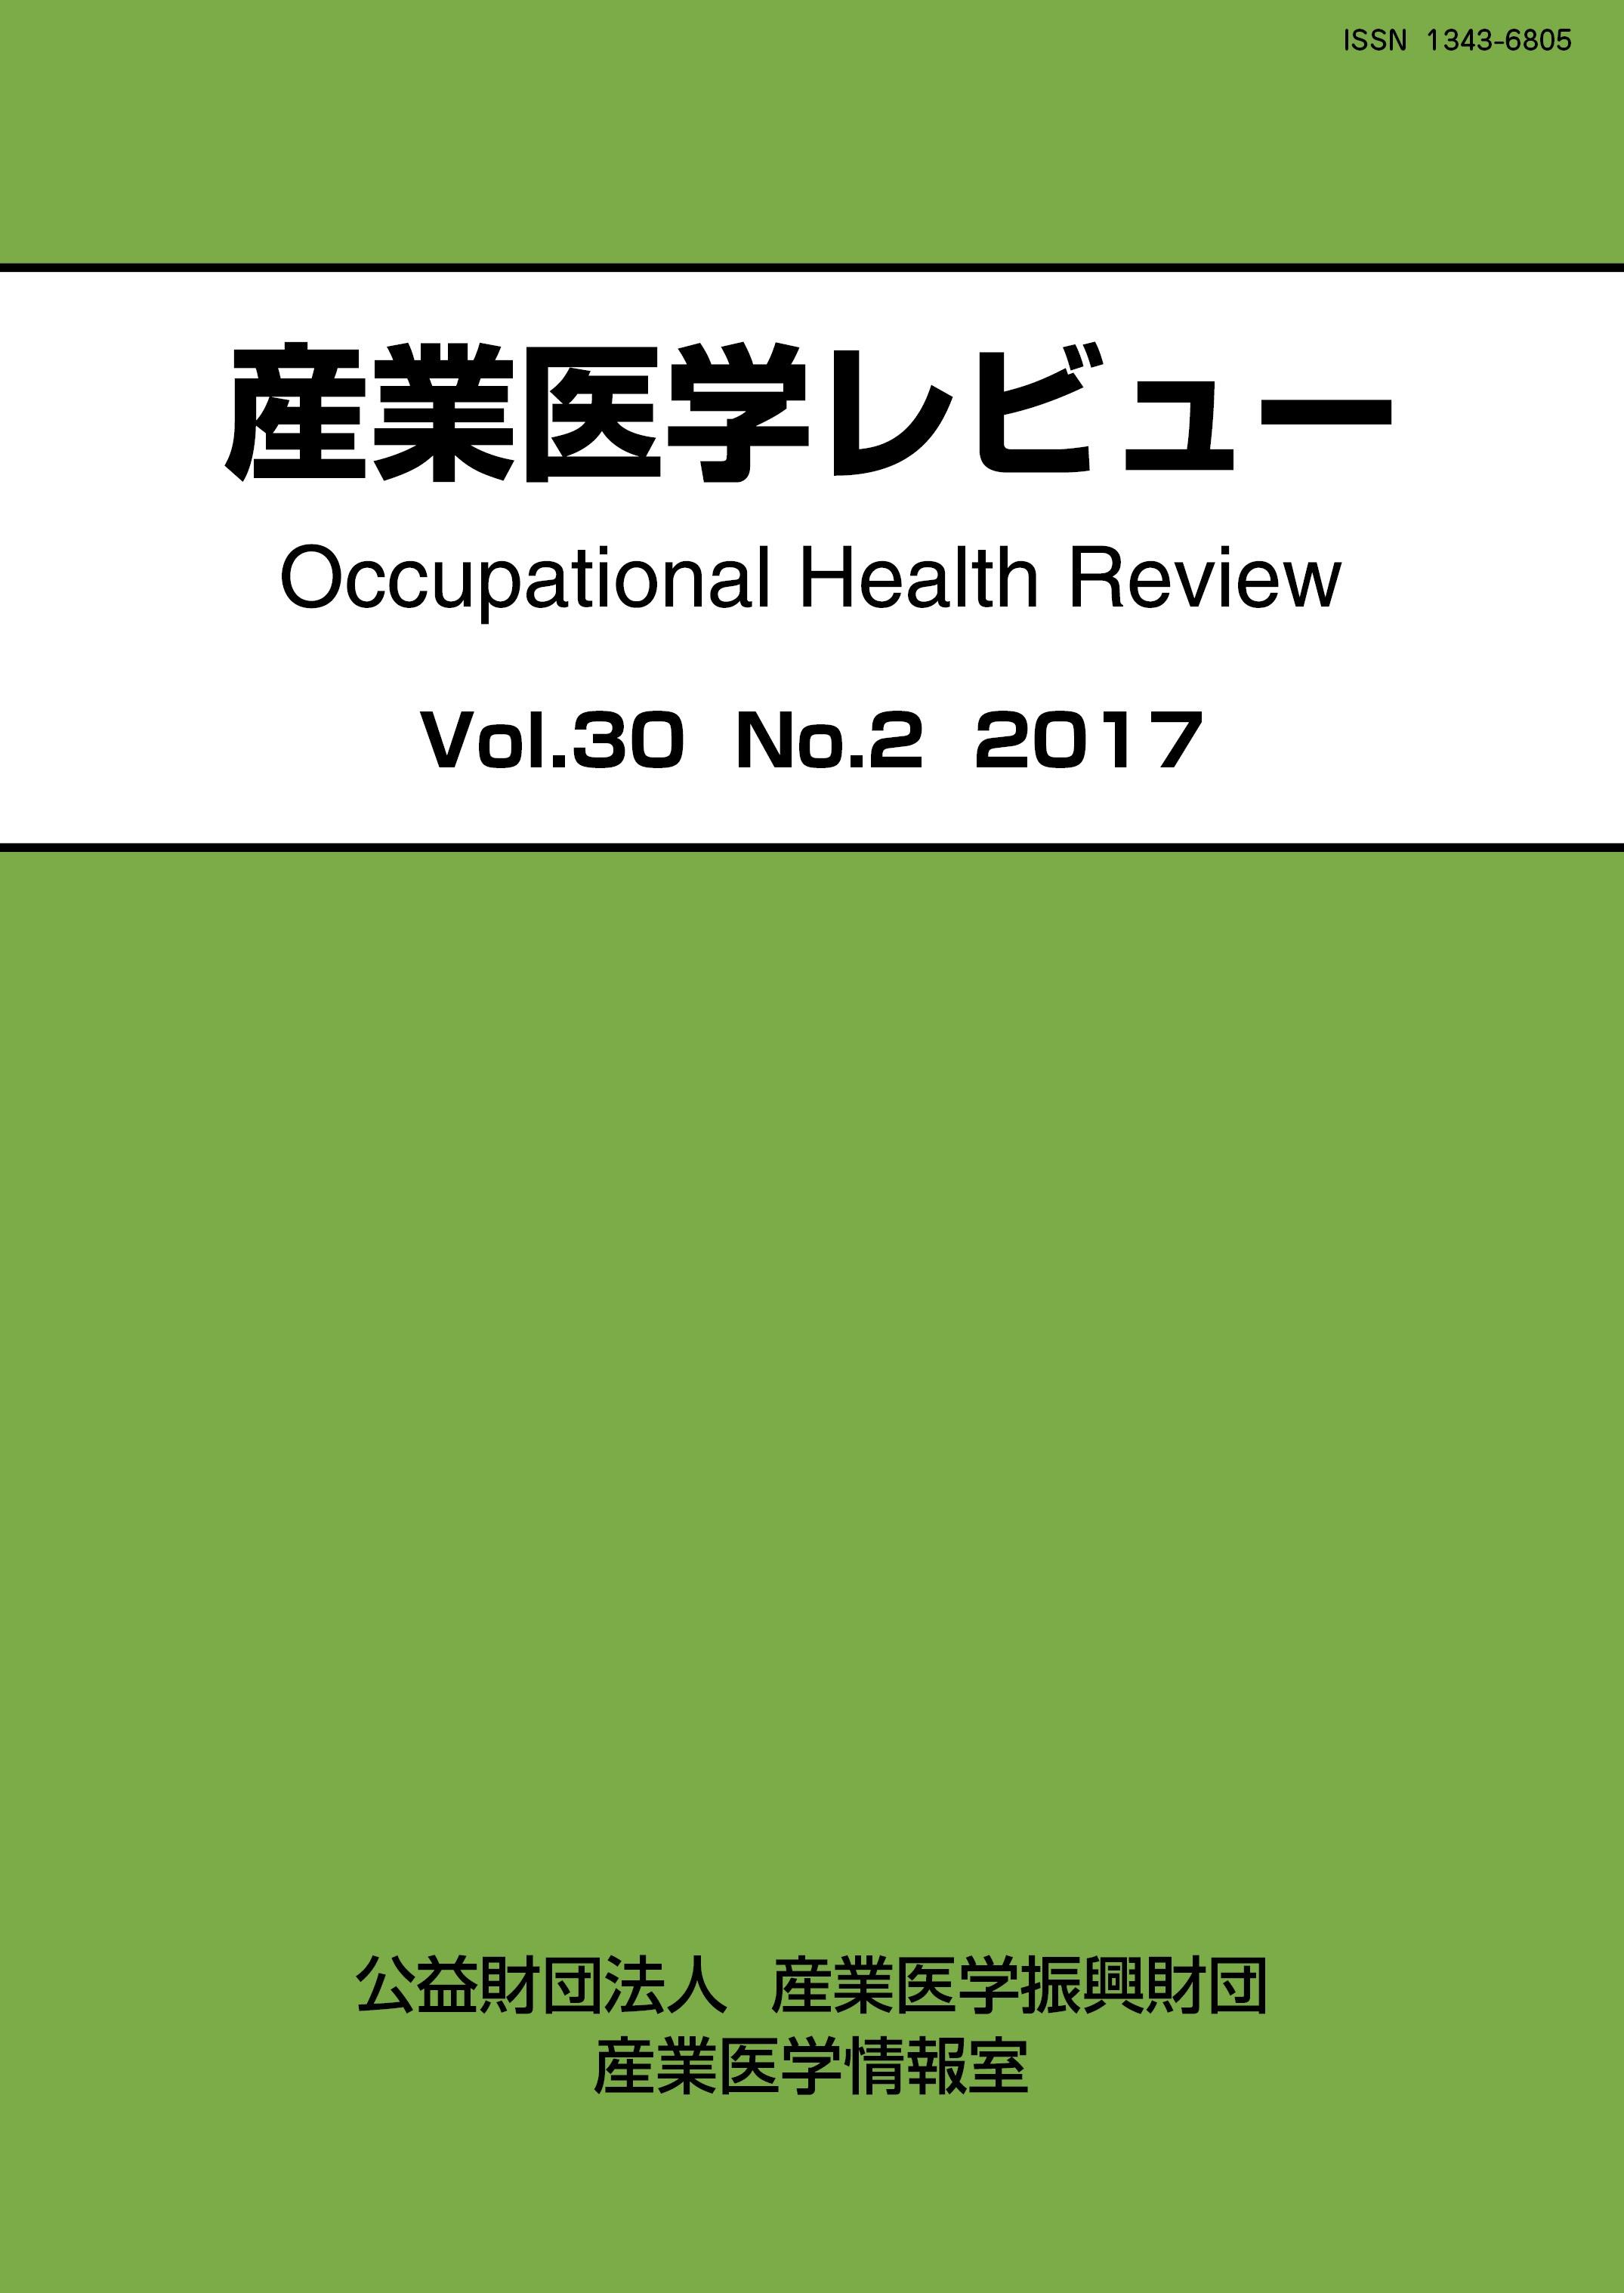 レビュー 2017 30-2(通巻115号) - 産業医学振興財団